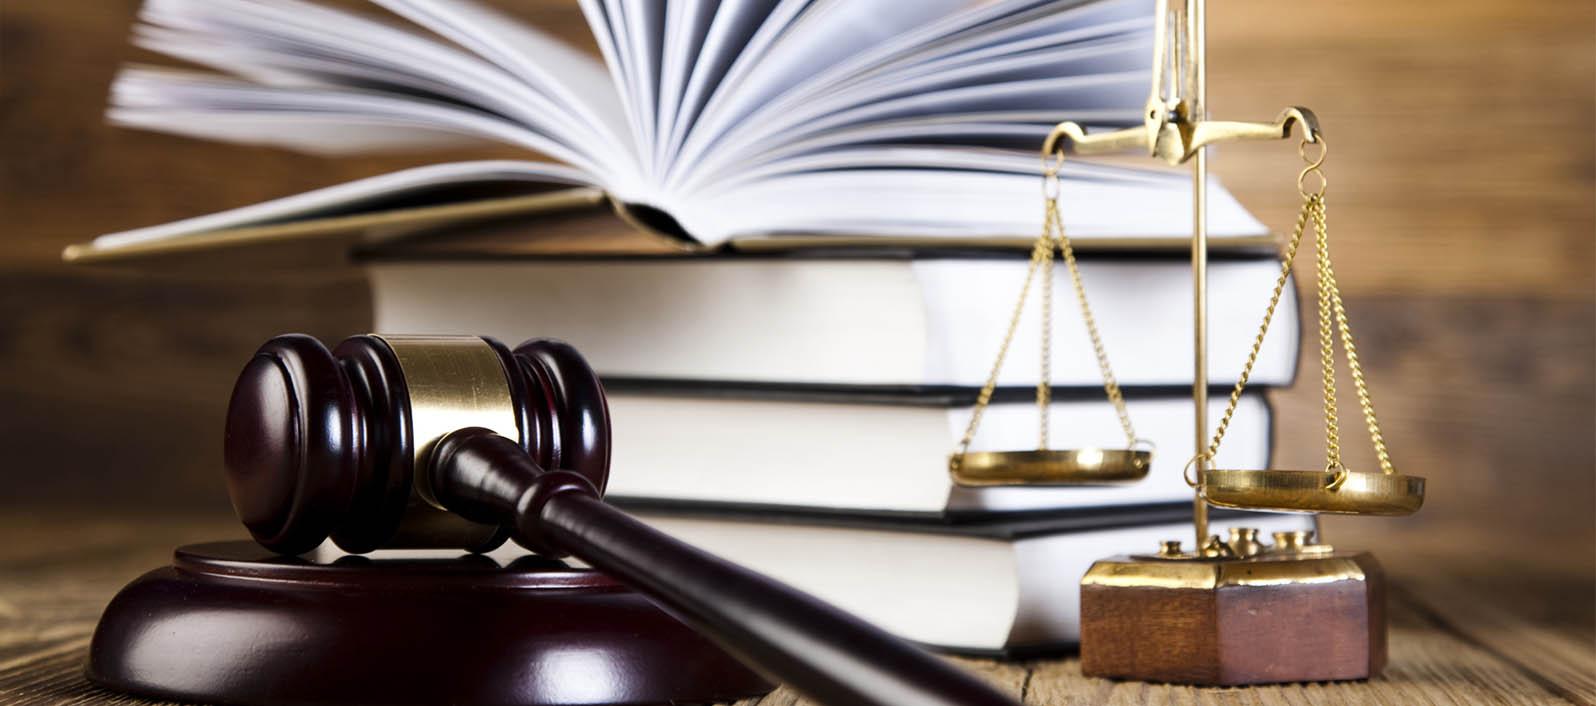 Наследство: открытие наследственного дела и порядок вступления в наследство